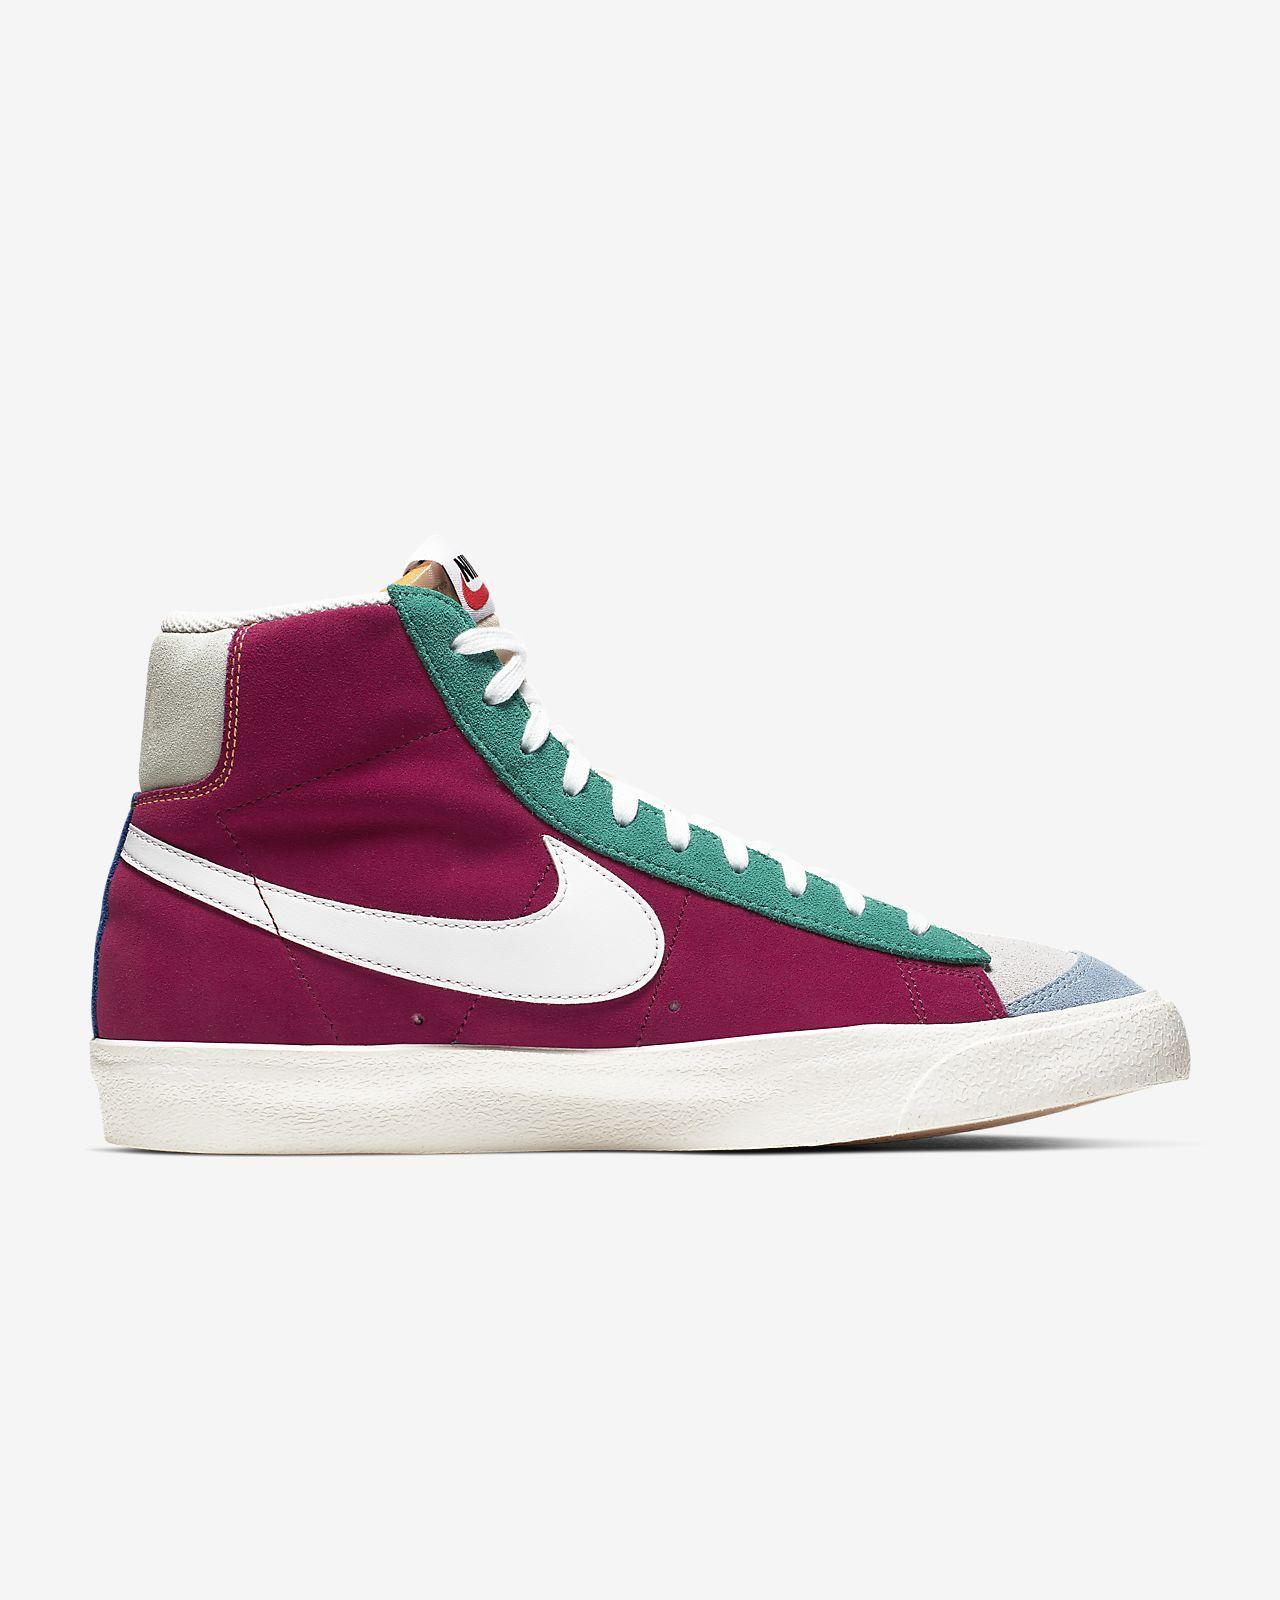 Blazer Calzado Hombre Para Mid Vintage Suede '77 Nike jqLc45RA3